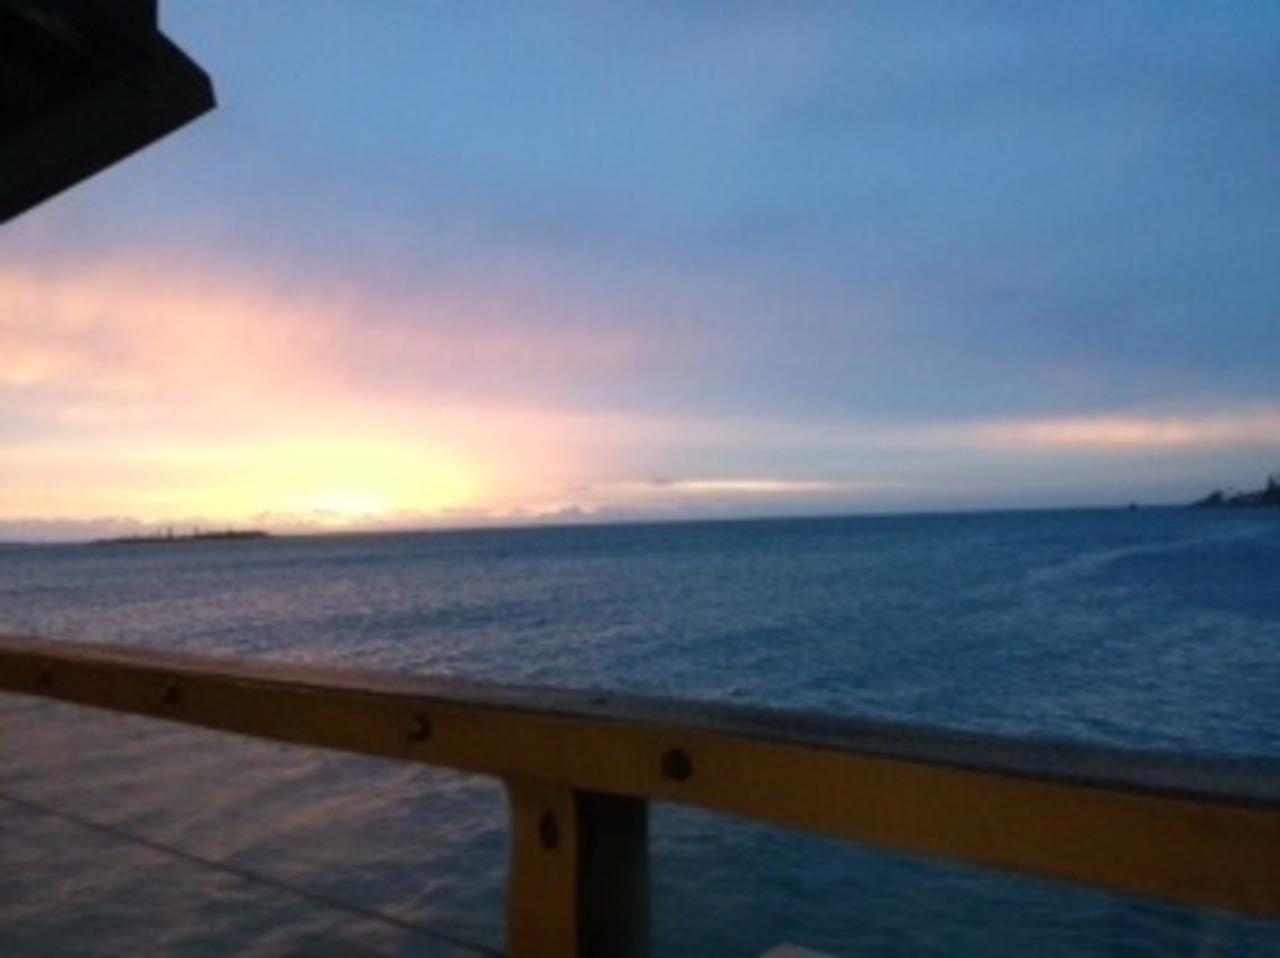 『雰囲気のある美味しい水上レストラン』by ほのぼのさん ル ルーフのクチコミ【フォートラベル】 Le Roof ヌメア